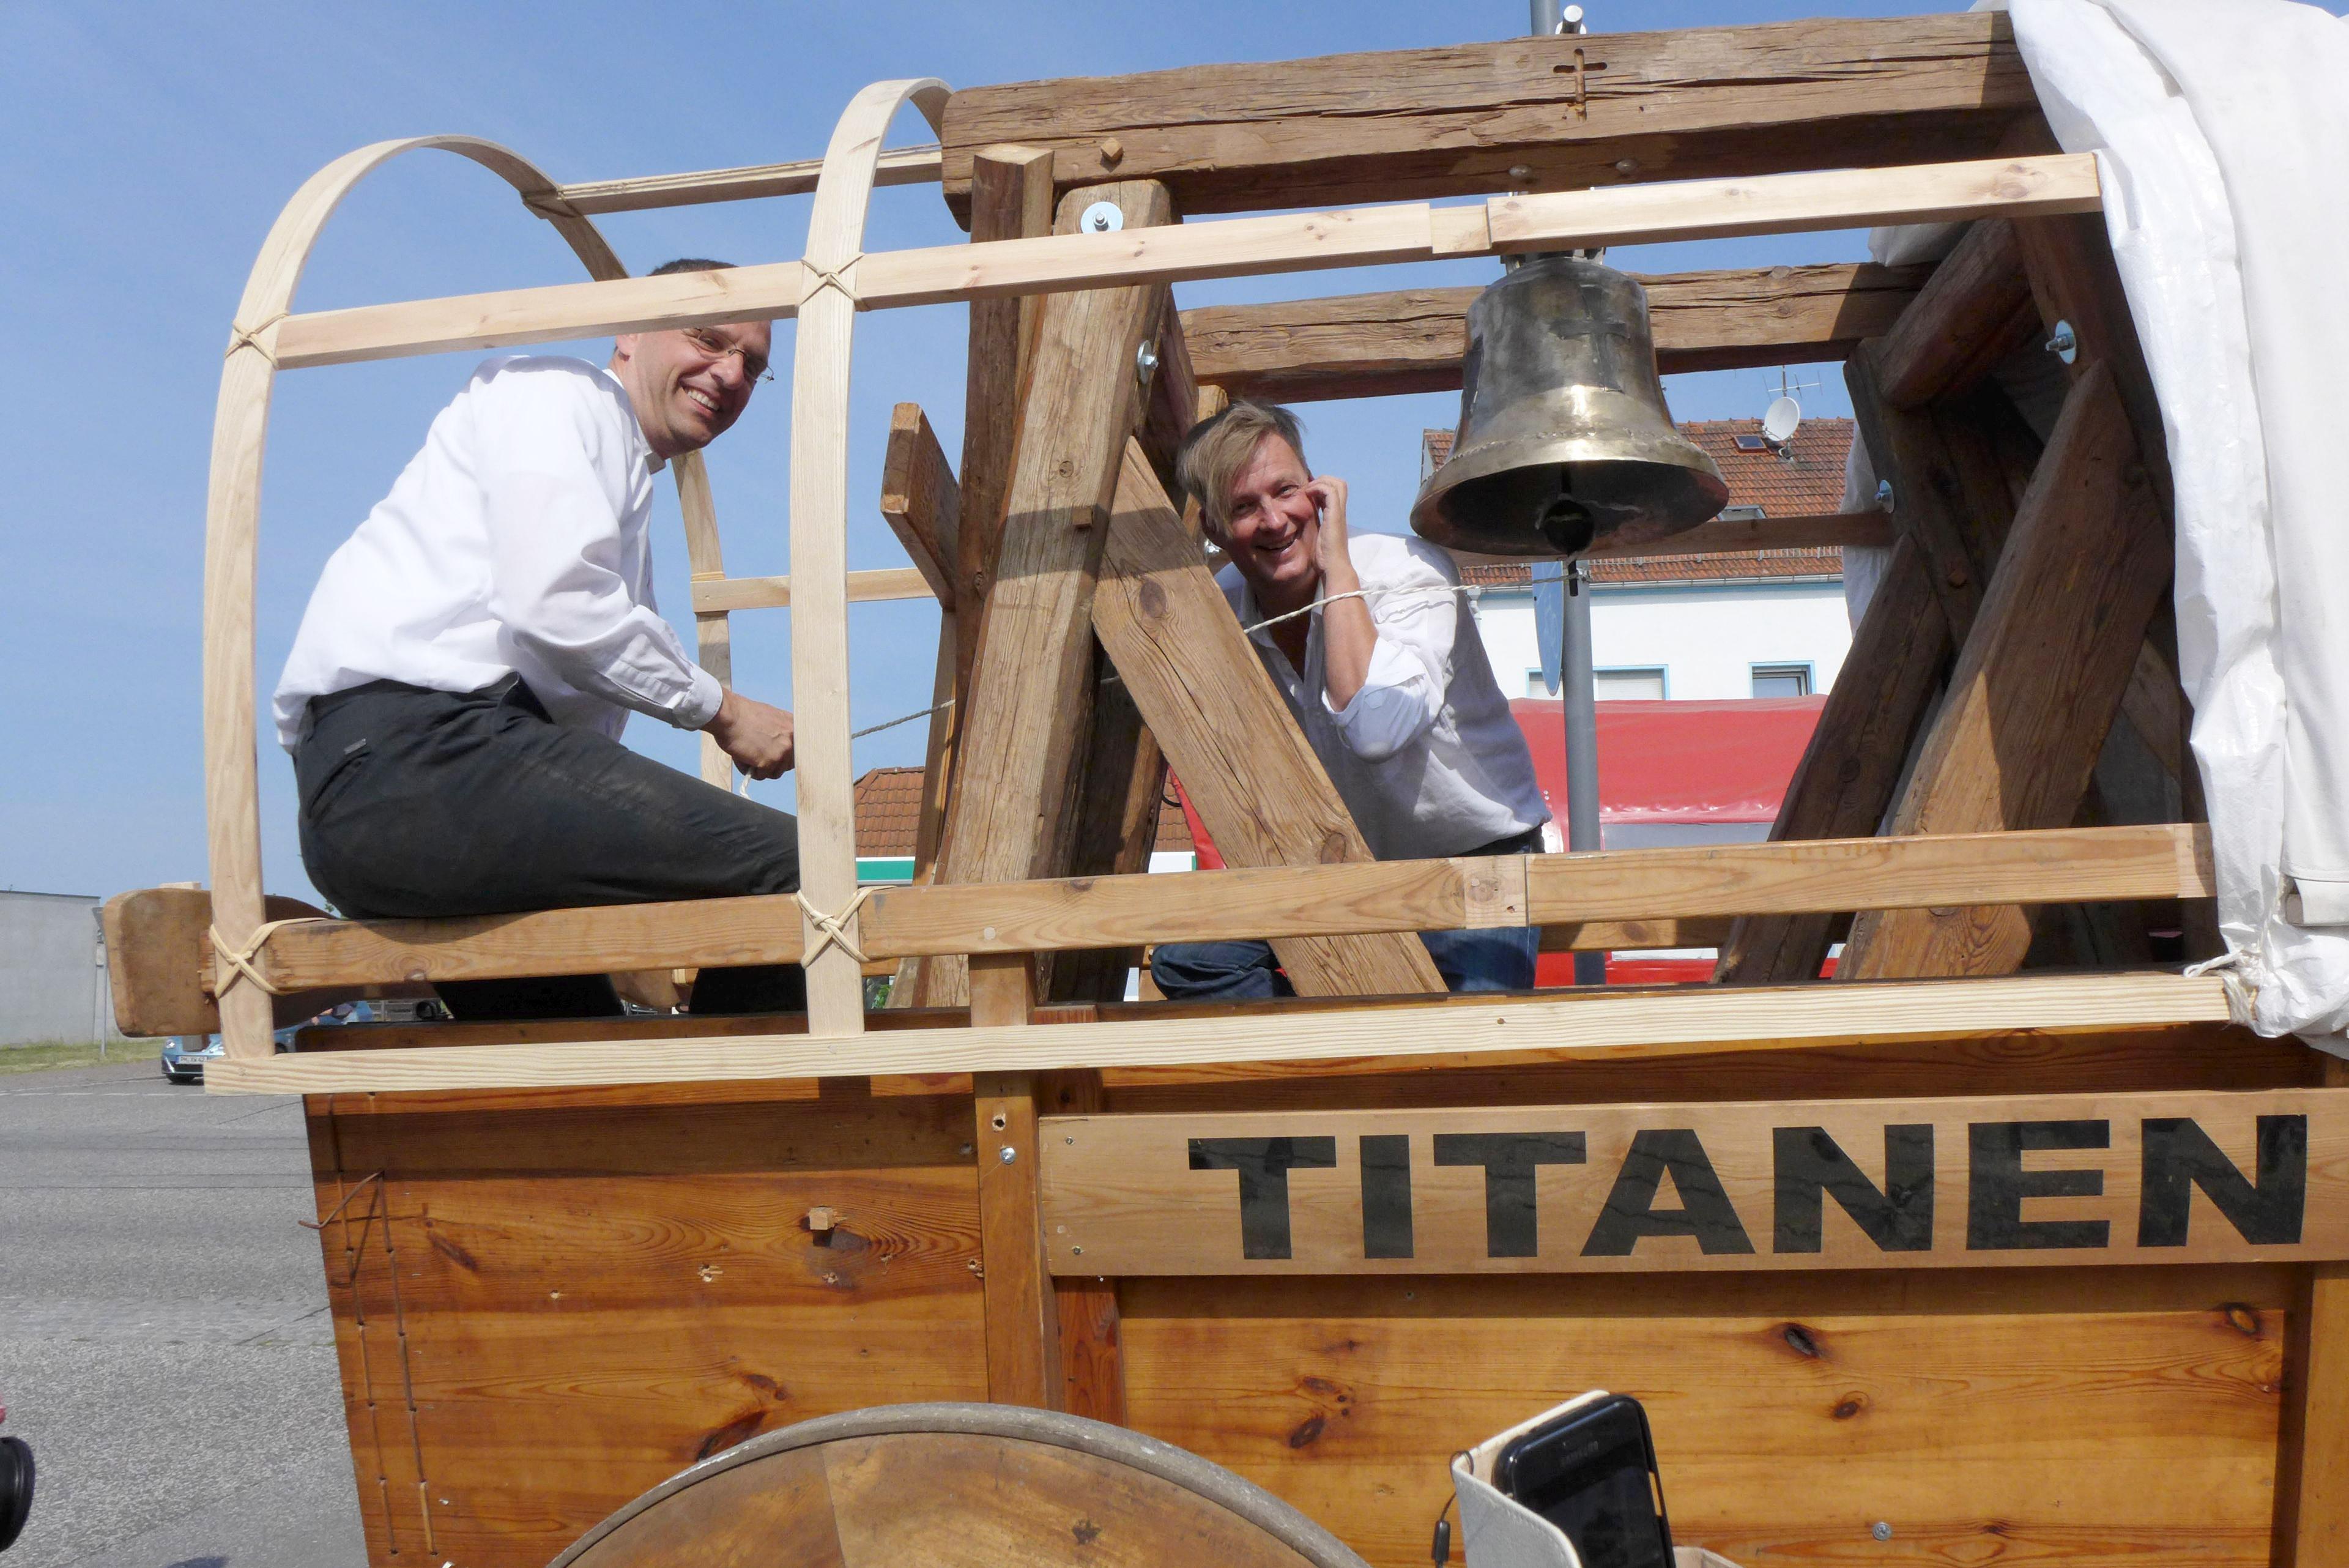 Titanen on tour - Pfarrer-Kautz-und-Attila-Weidemann-mit-Friedensglocke